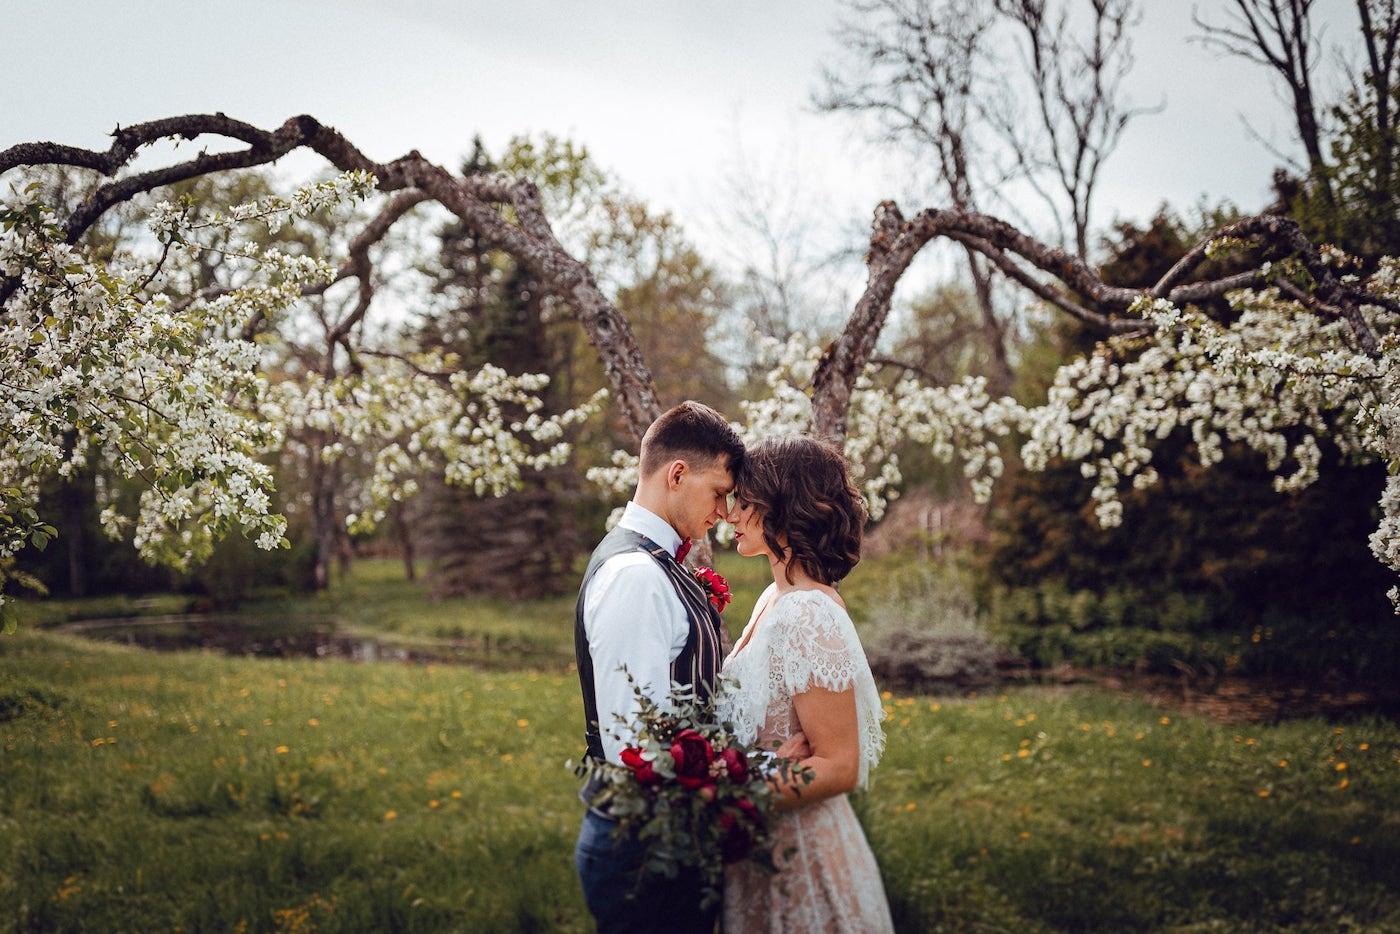 Jaunā pāra kāzu fotosesija ziedošā ābeļdārzā.